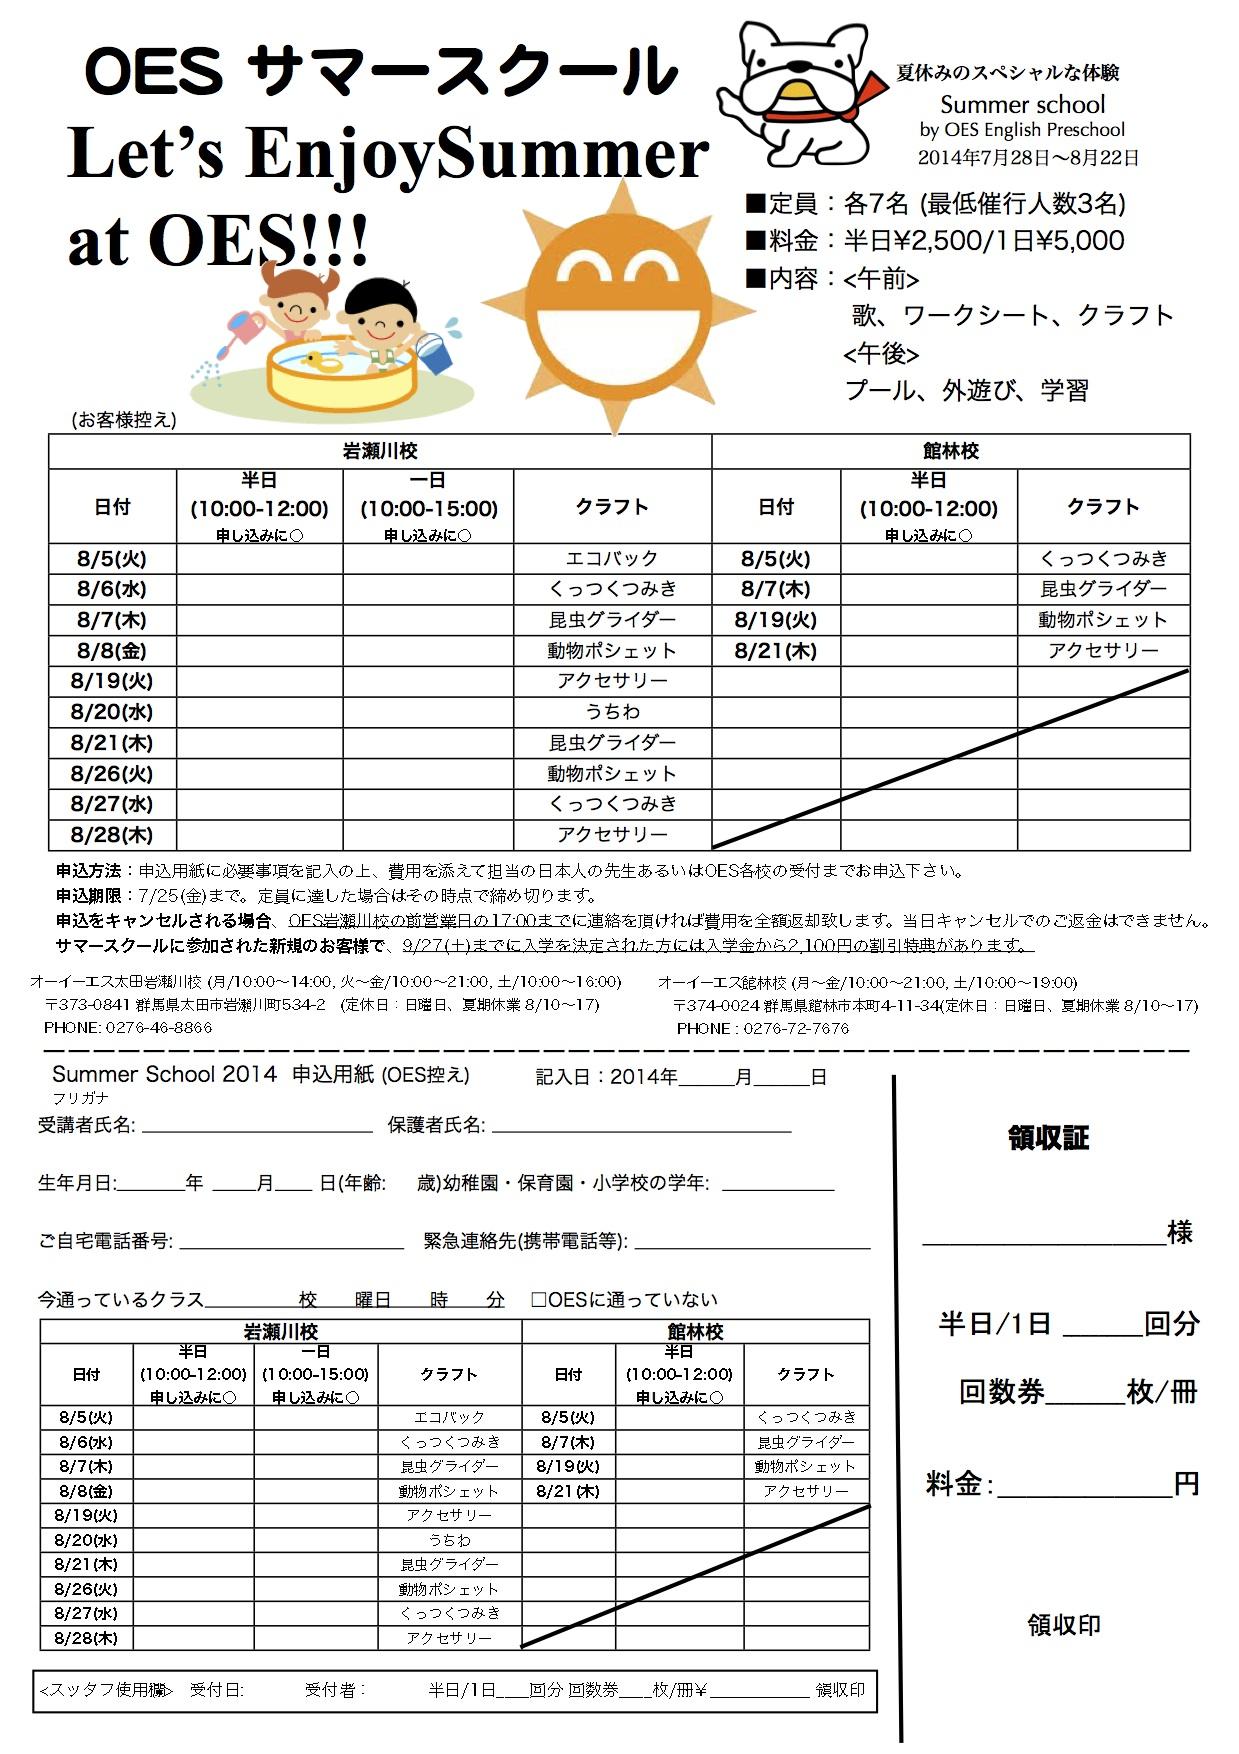 summerschool申込み用紙2014